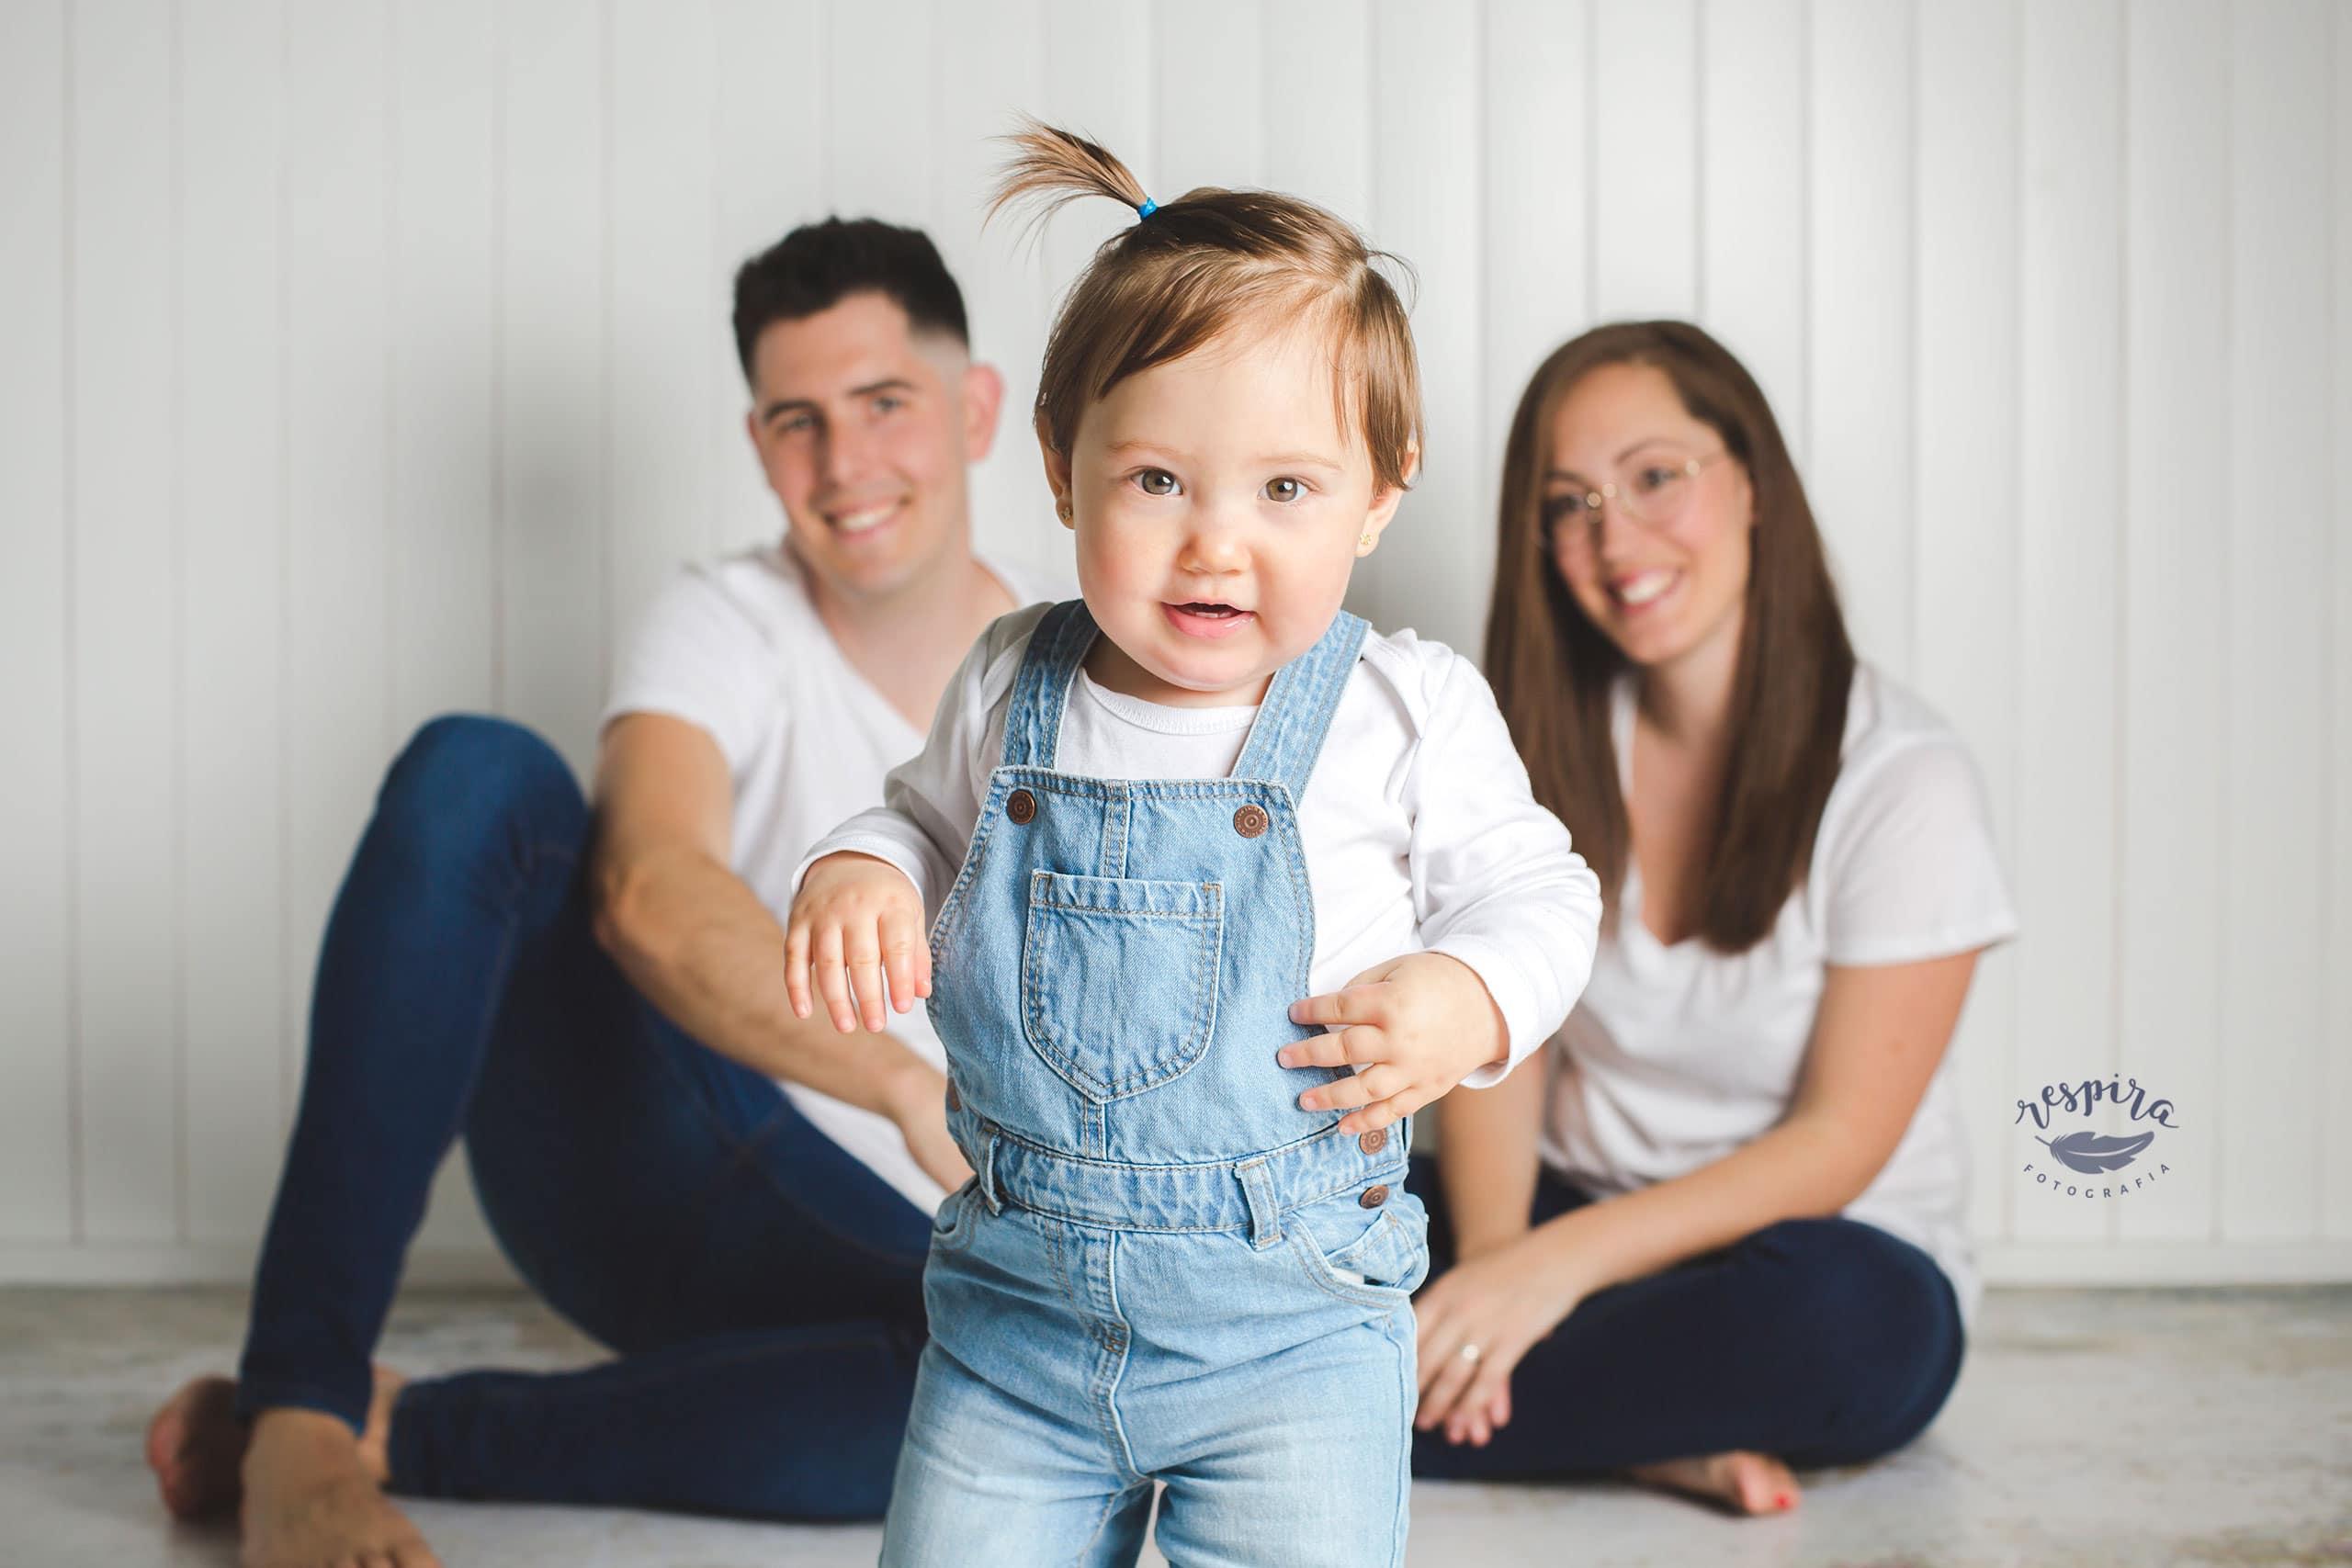 Fotos en familia fotografo olesa baix llobregat vestuario